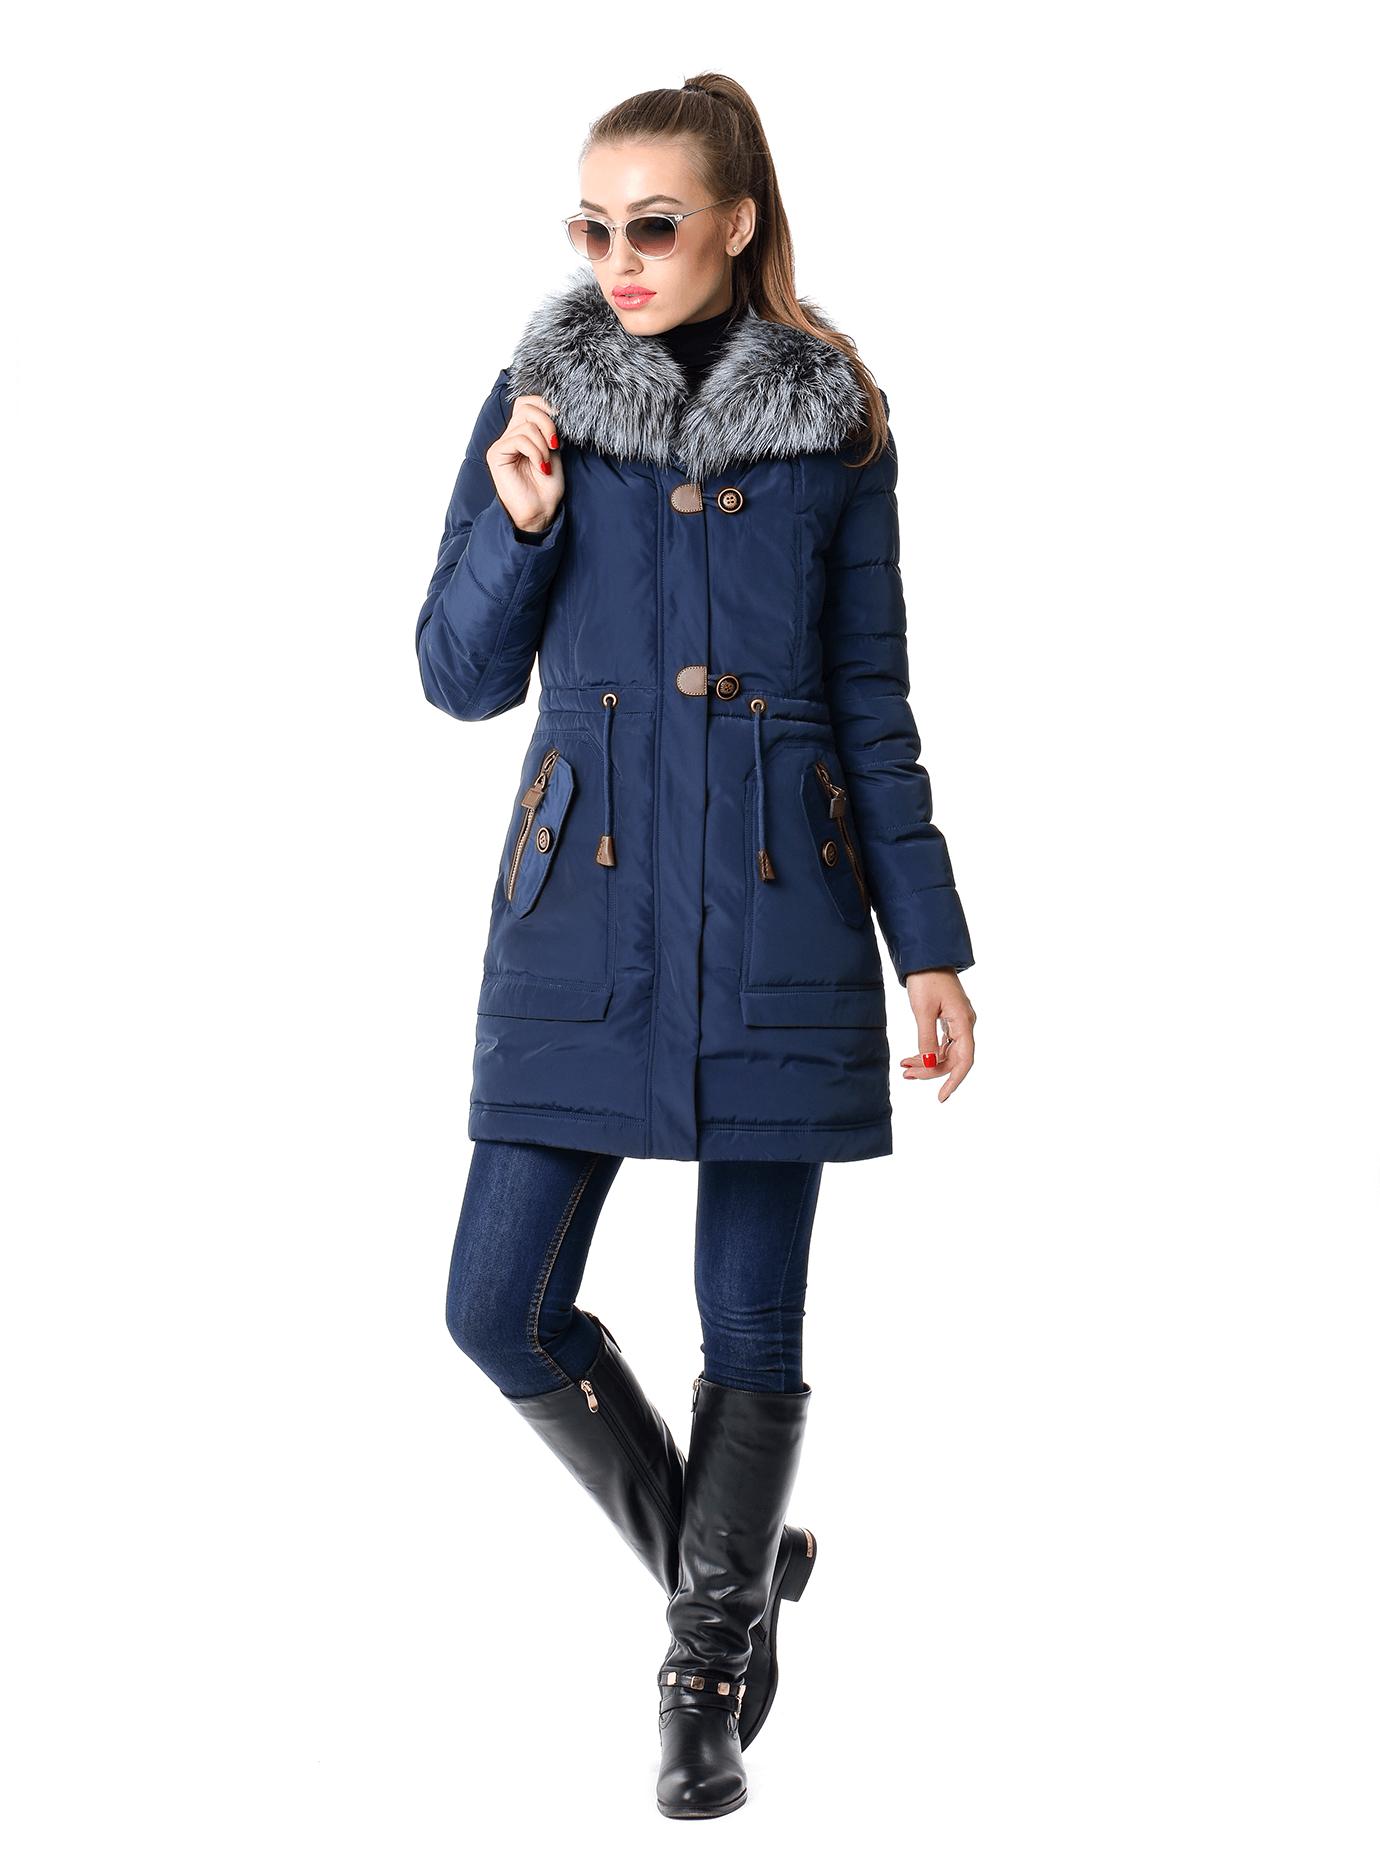 Куртка-парка зимняя с натуральным мехом Тёмно-синий S (02-SO19032): фото - Alster.ua